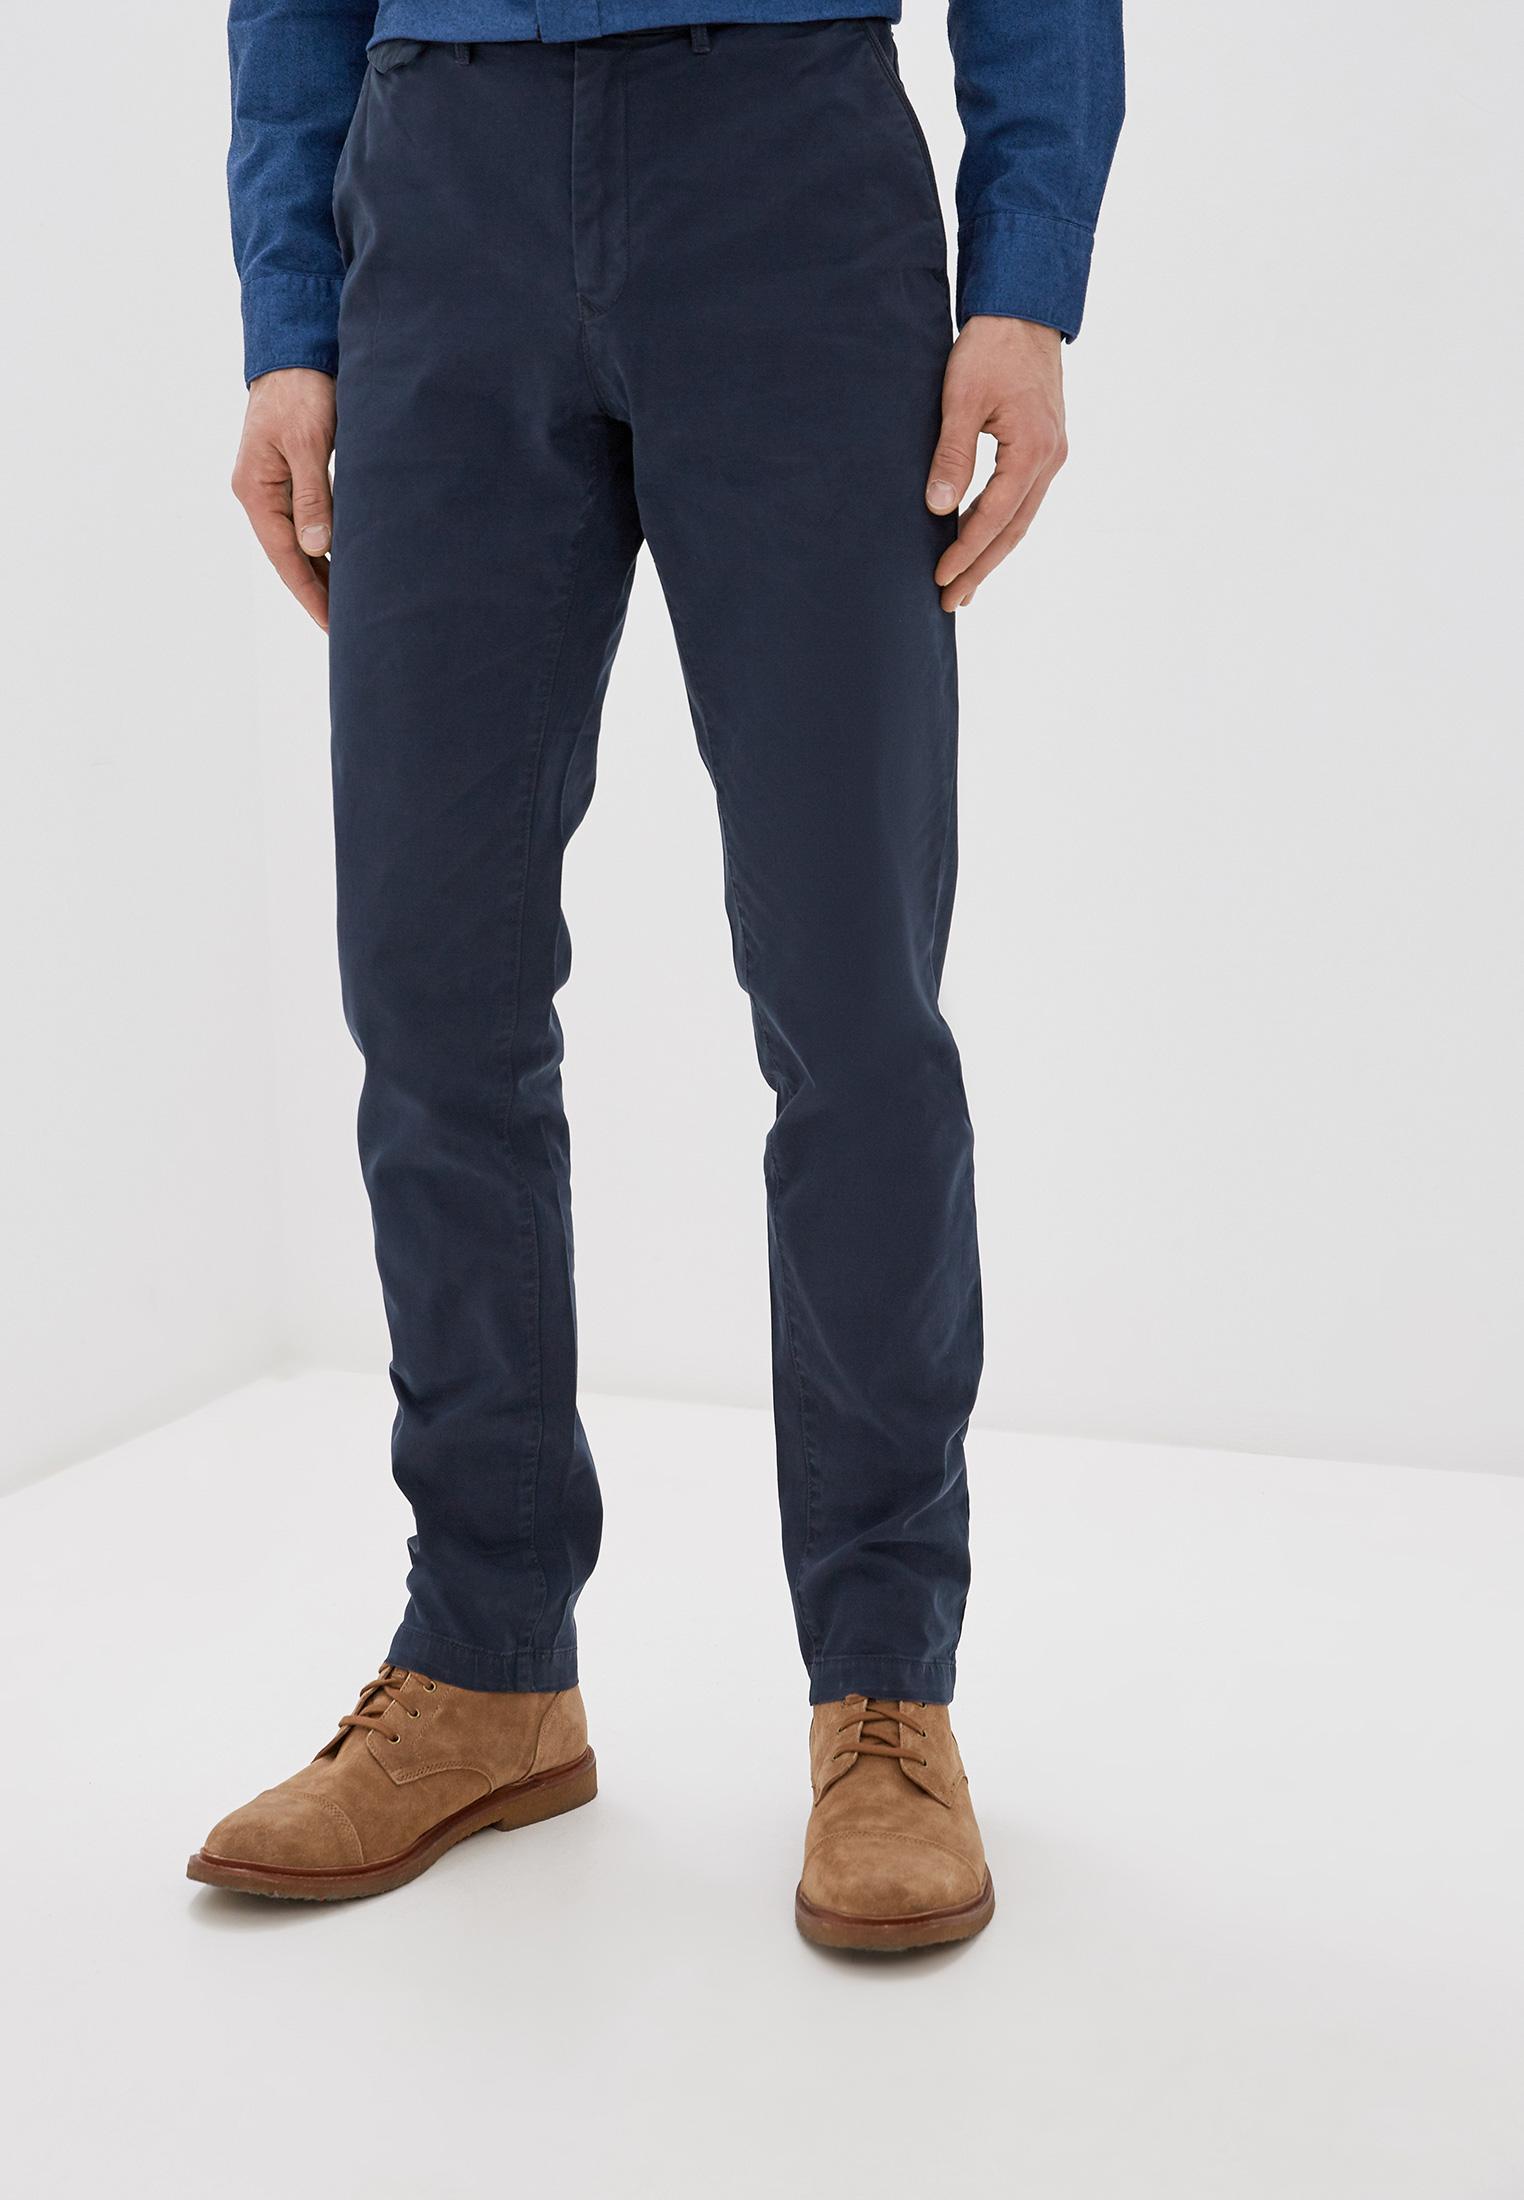 Мужские повседневные брюки Calvin Klein (Кельвин Кляйн) k10k104974: изображение 1